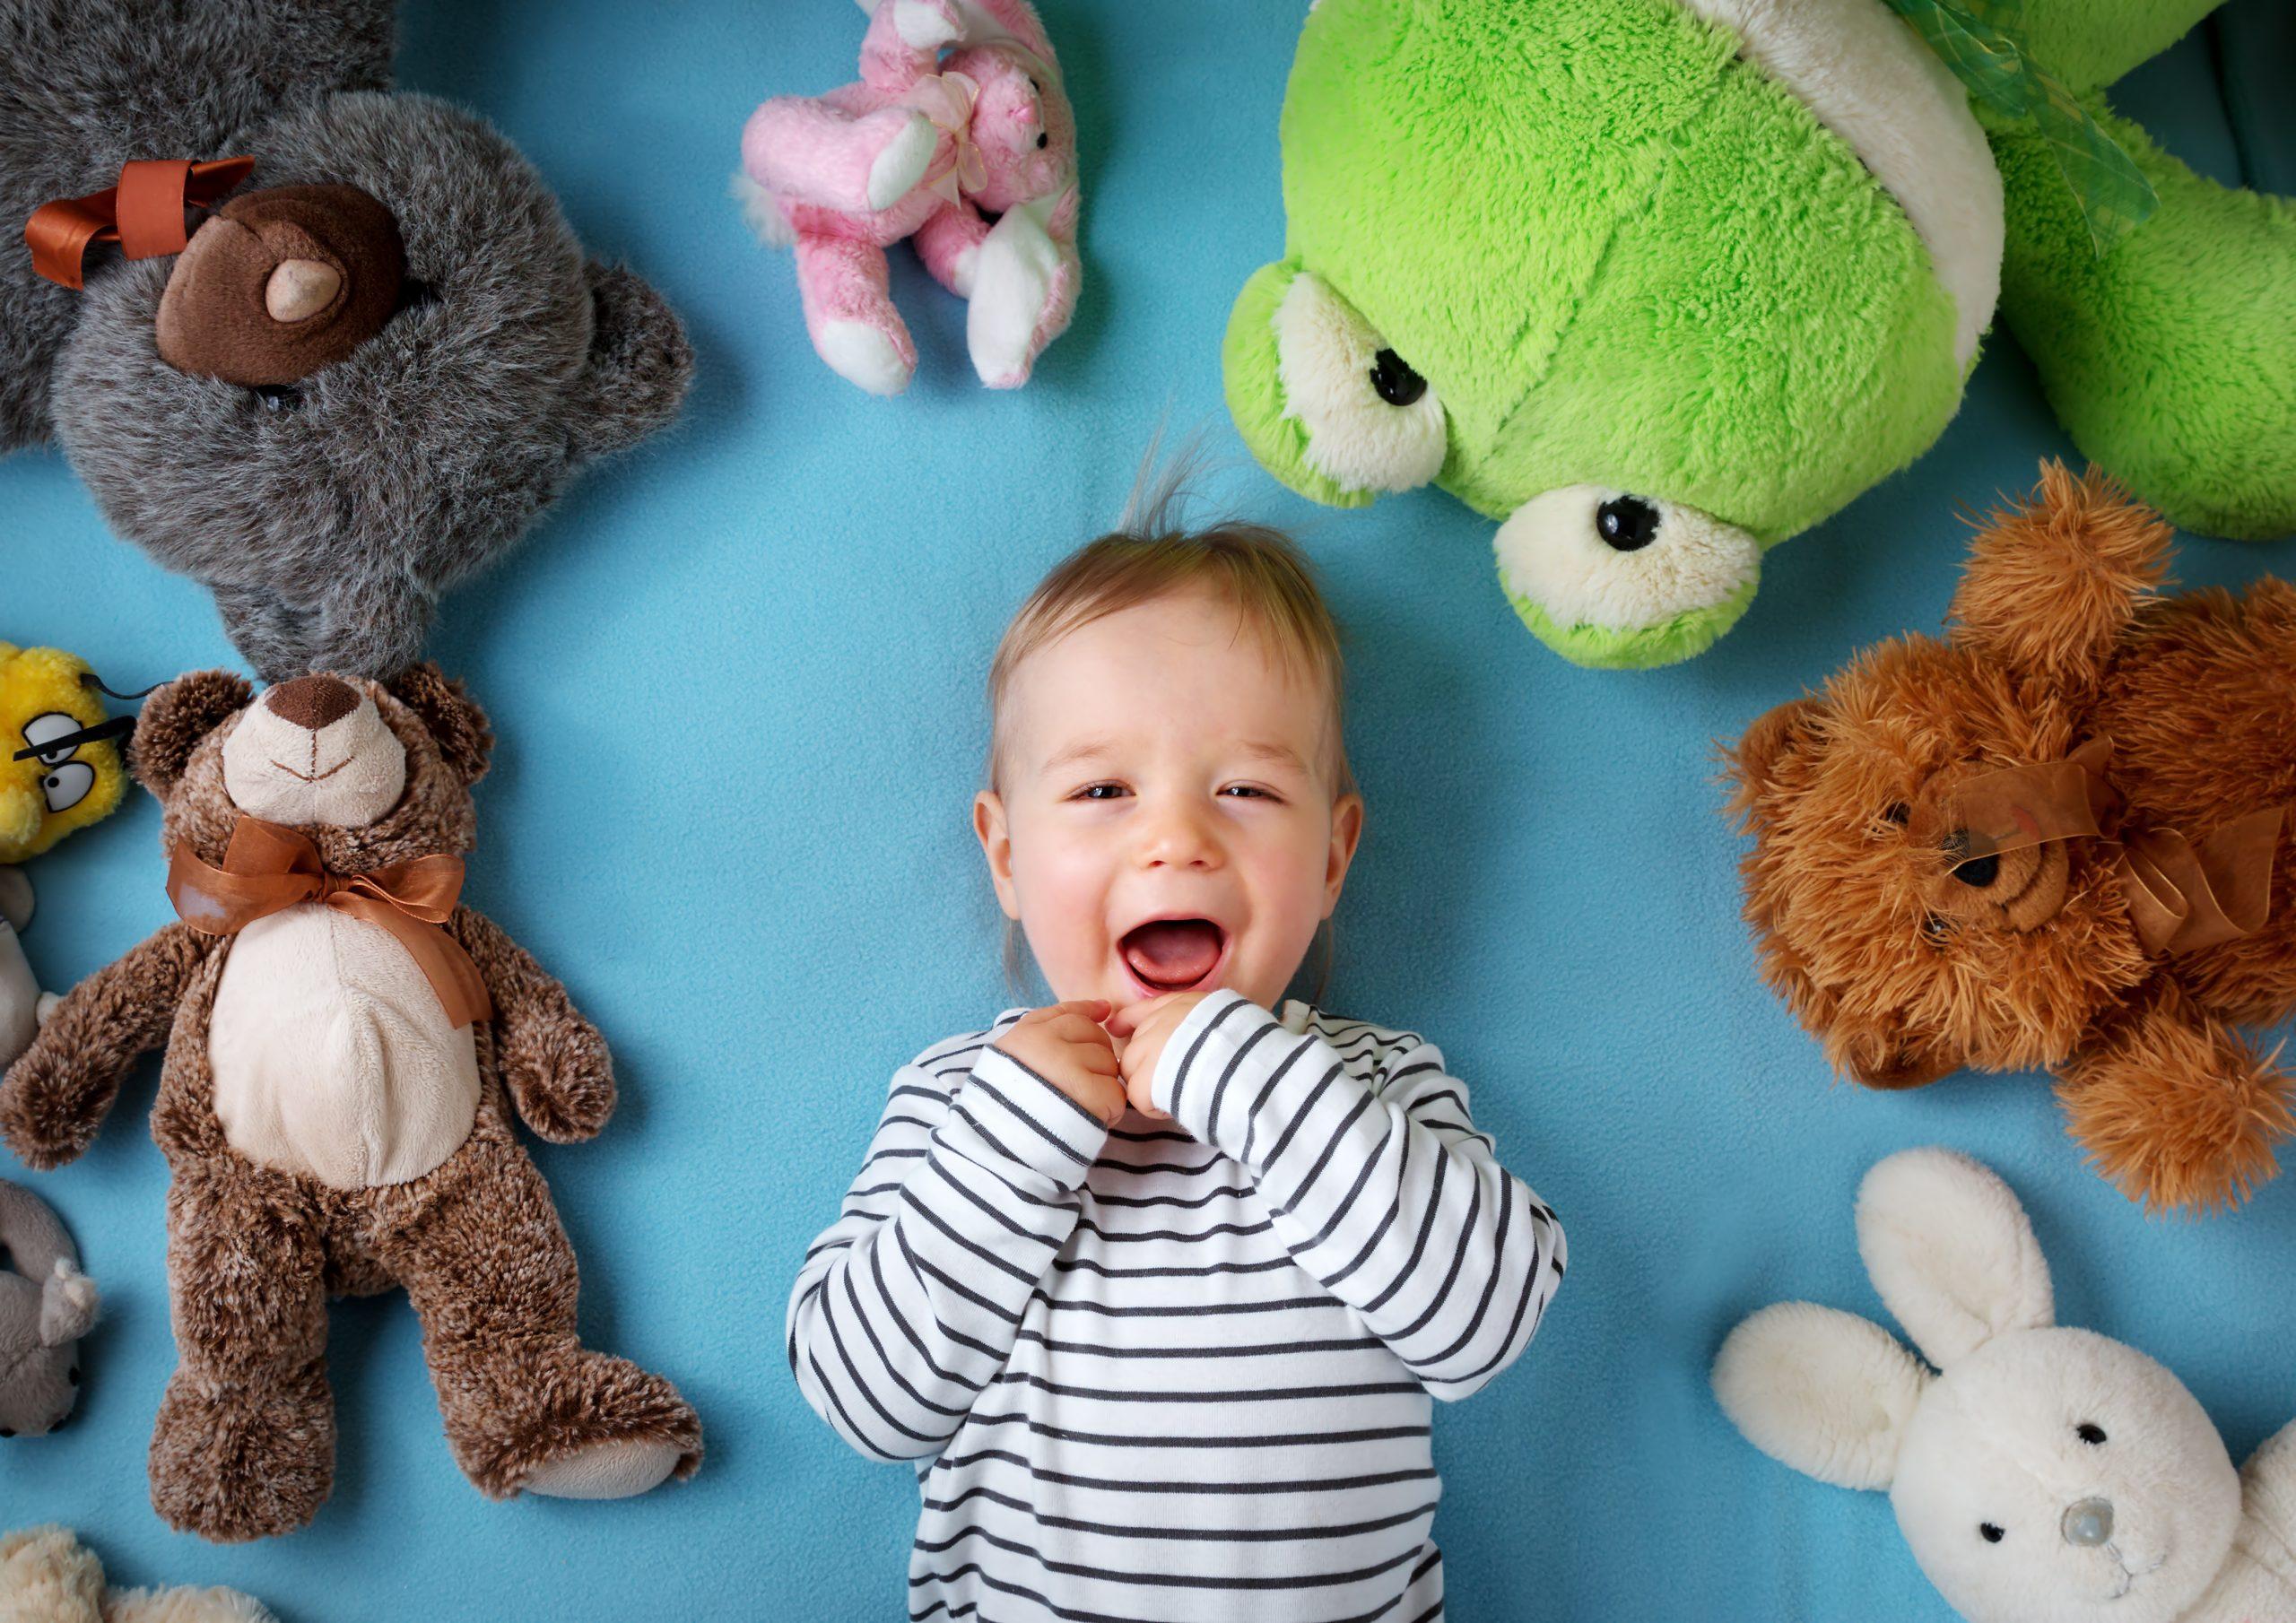 10 лучших игрушек для ребенка от 1 года